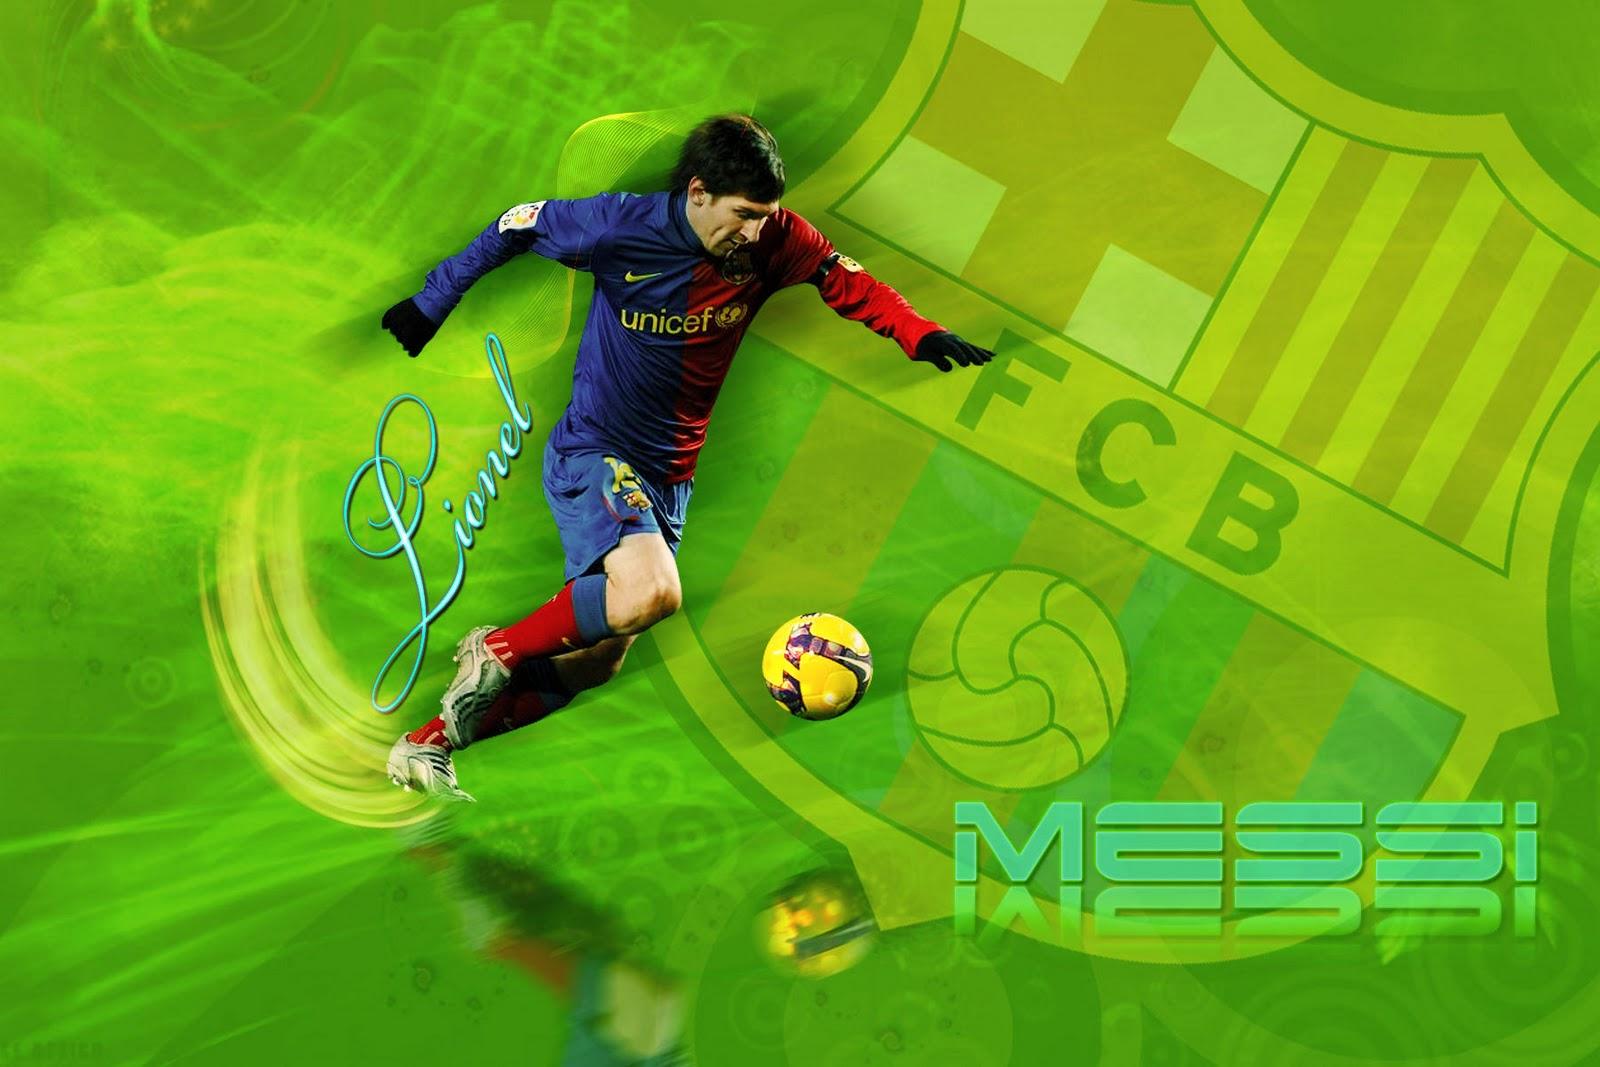 http://3.bp.blogspot.com/-8LLxJws7bbc/UFLCyTGNt-I/AAAAAAAAAJQ/KUslJJ2cY40/s1600/Lionel-Messi-HD-FCB-Wallpaper-1.jpg